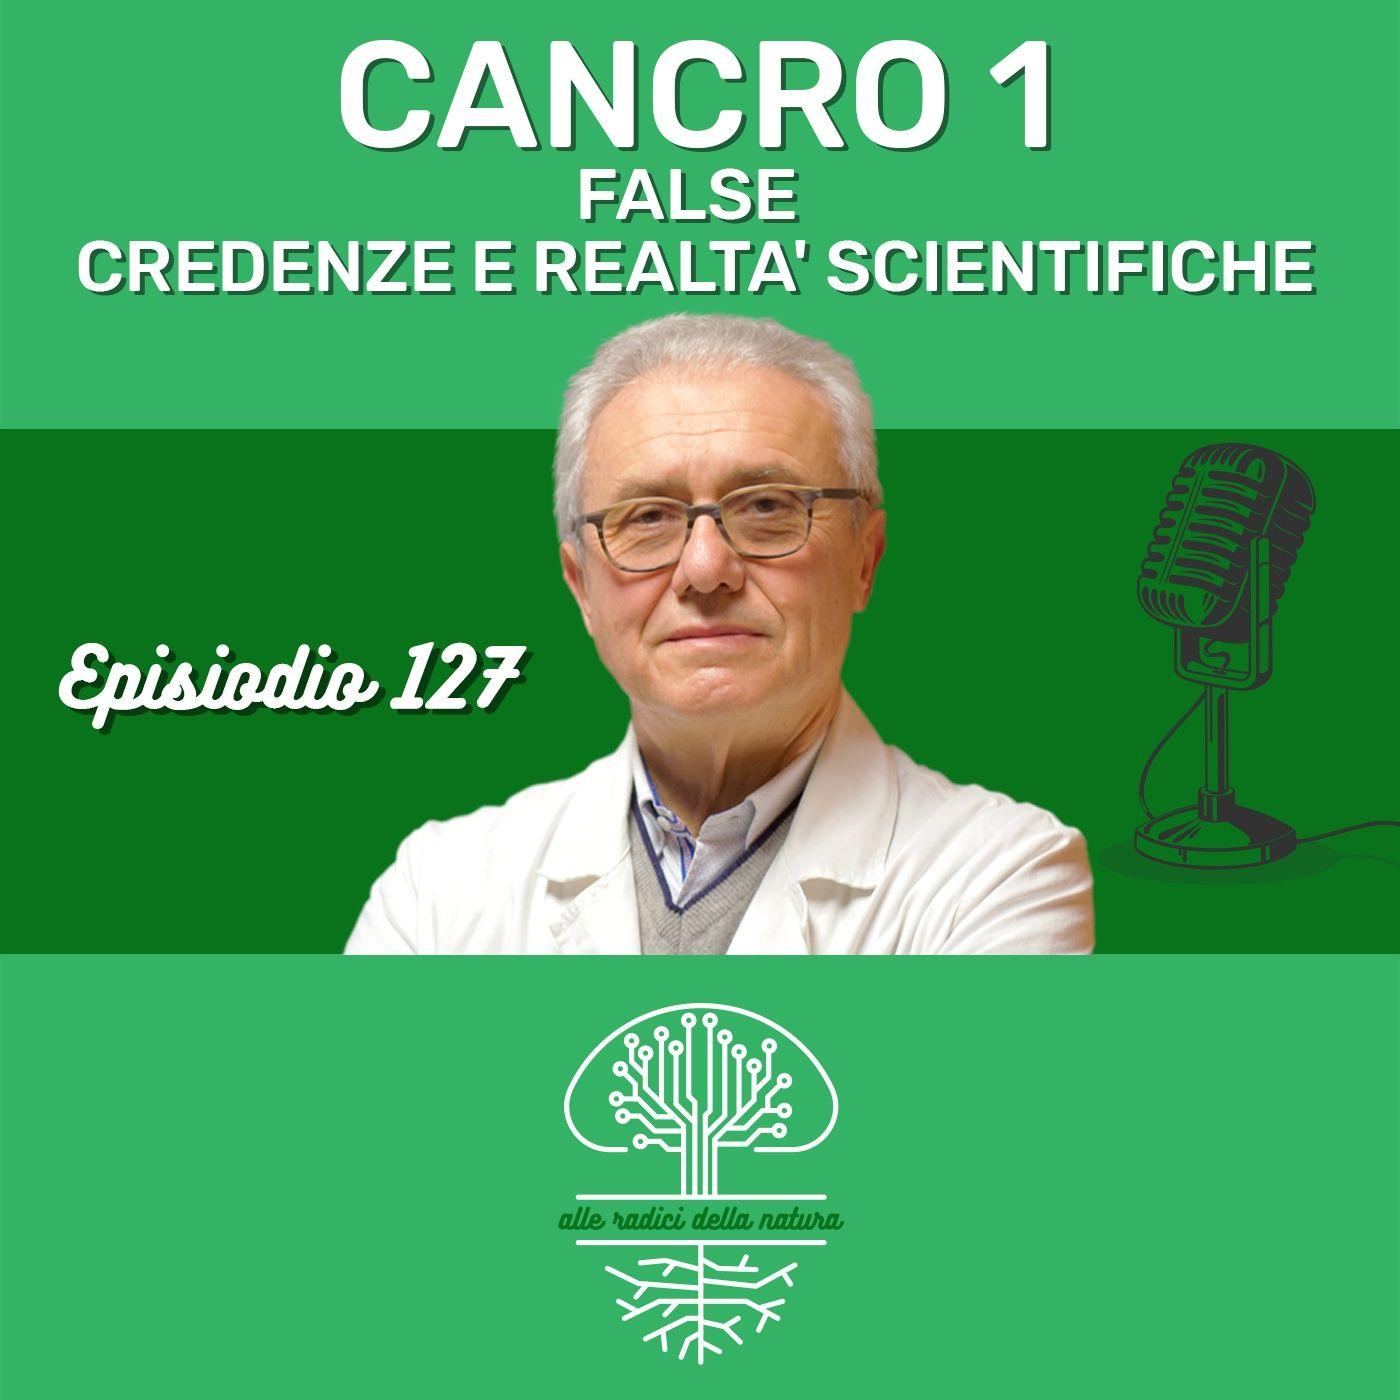 CANCRO 1: FALSE CREDENZE E REALTÀ SCIENTIFICHE